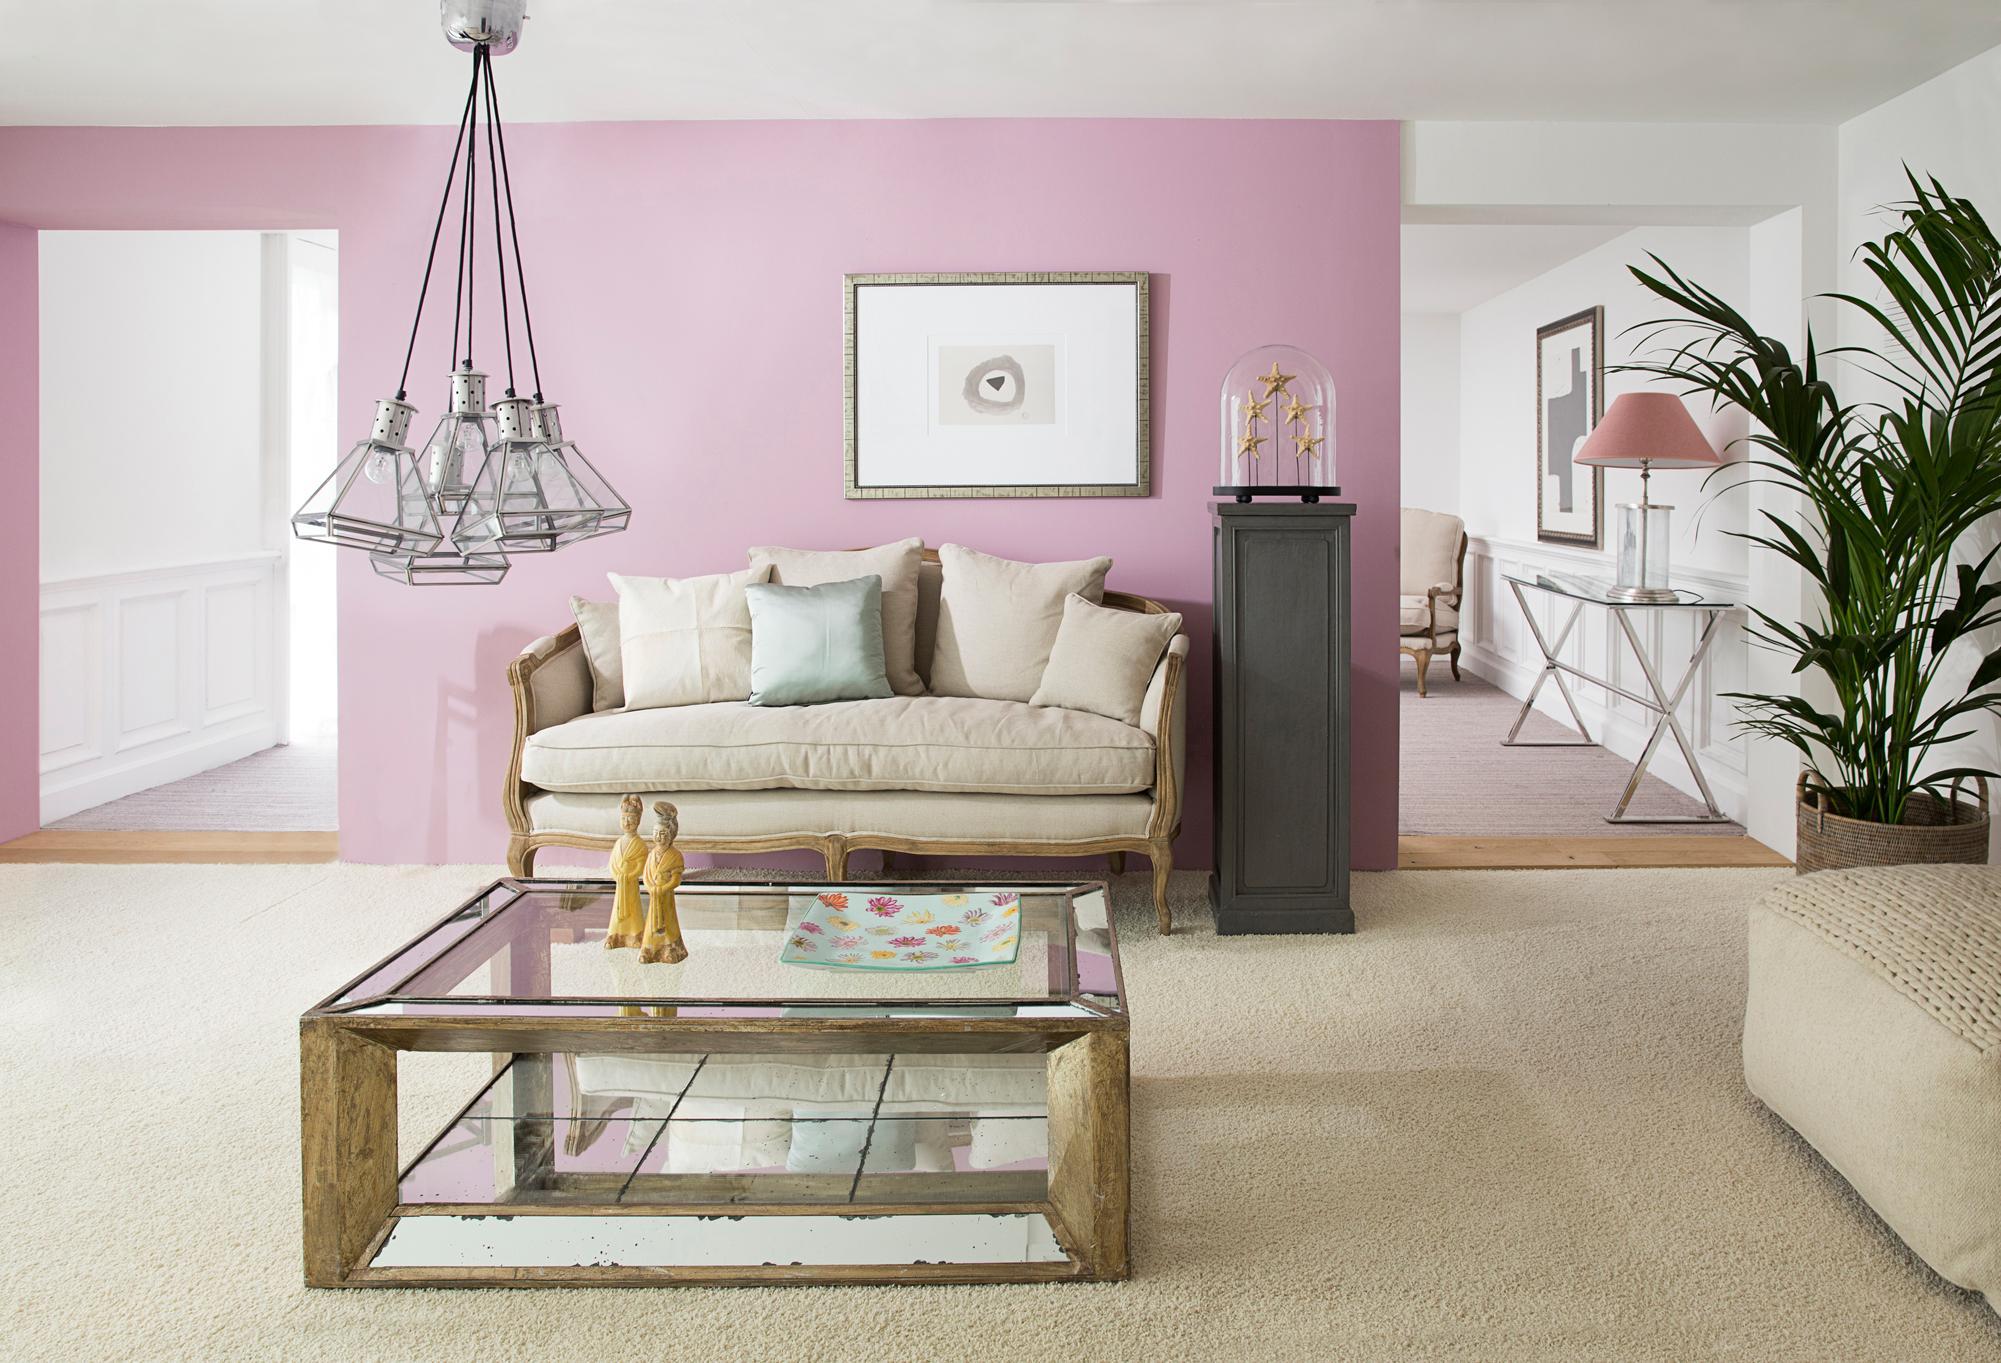 rosa wandfarbe bringt frische akzente couchtisch wohnzimmer pendelleuchte sofa glascouchtisch - Wandfarbe Wohnzimmer